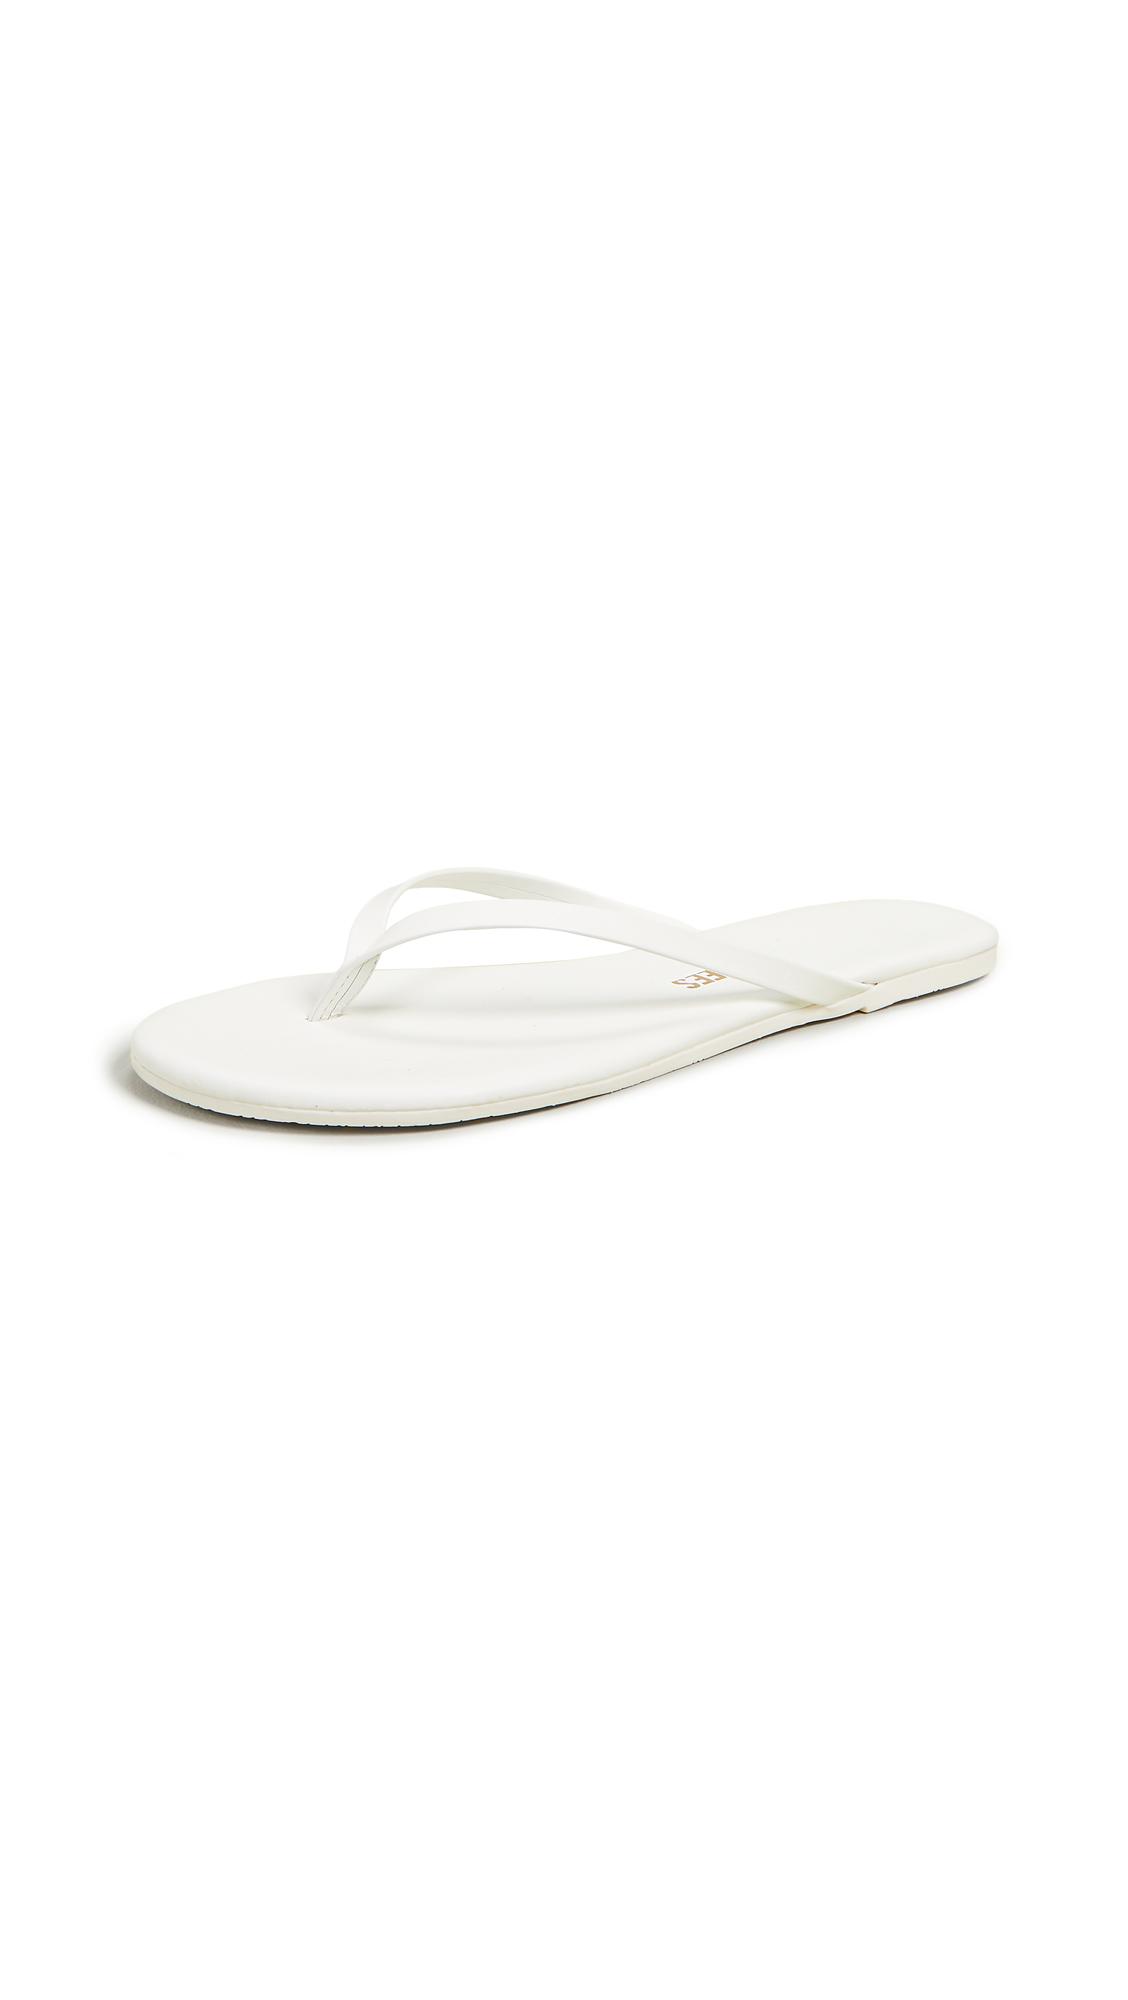 TKEES Solids Flip Flops - No. 1